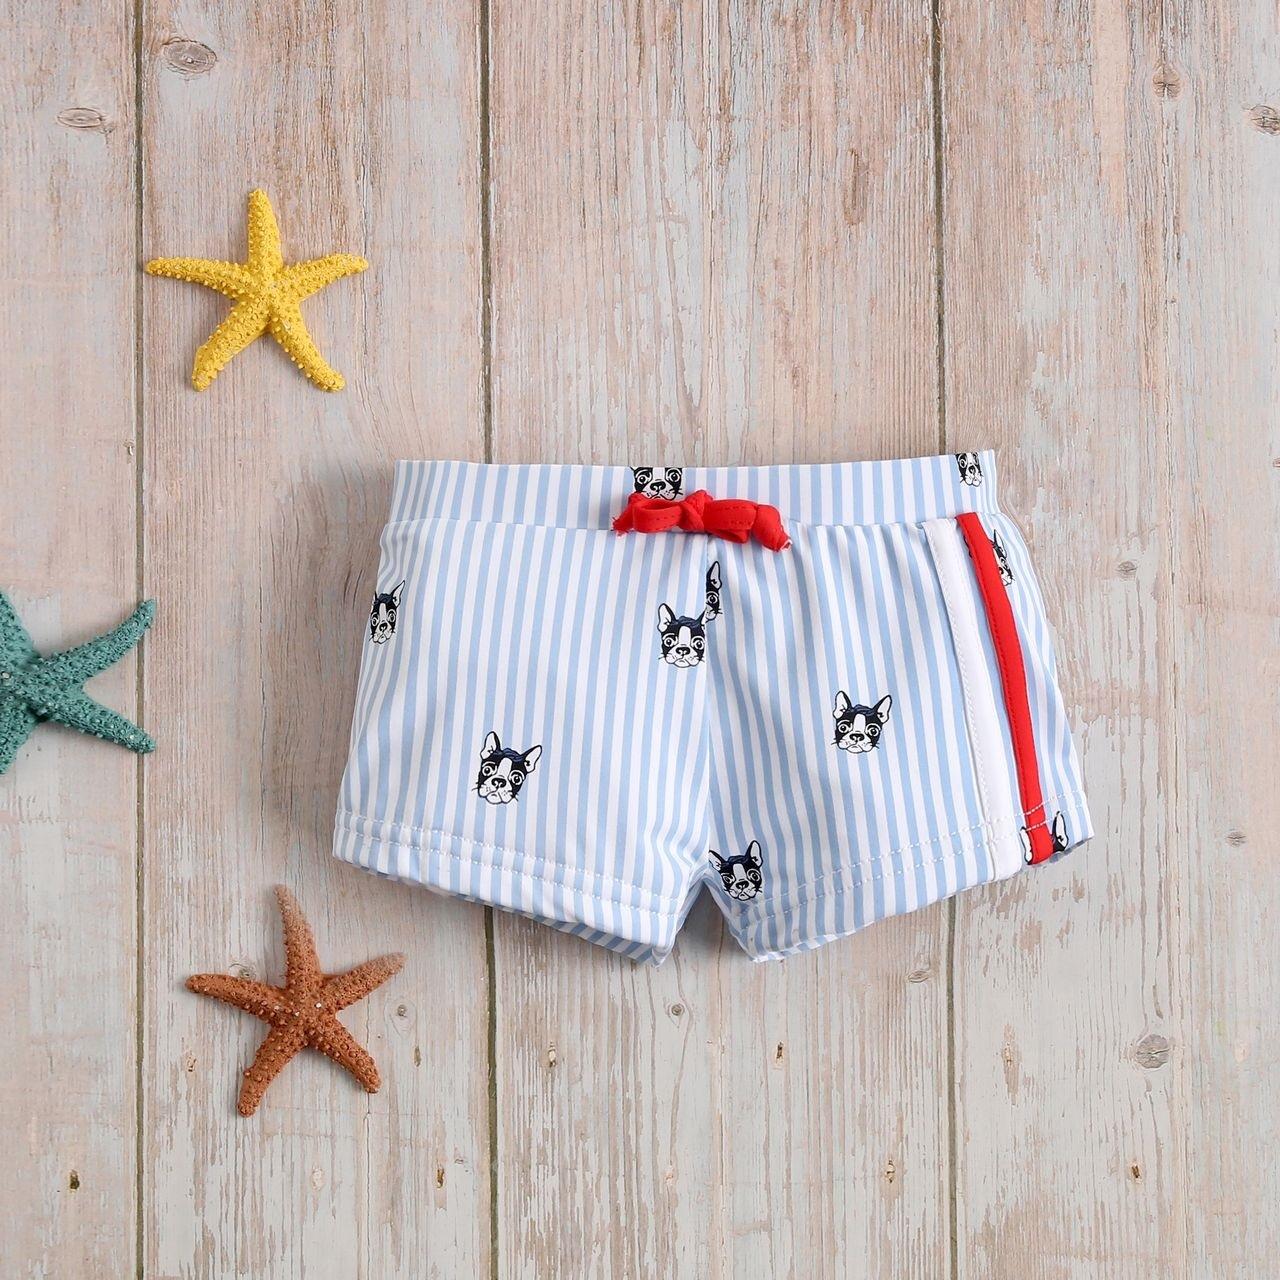 Imagen de Bóxer bebé de perritos y rayas azules y blancas